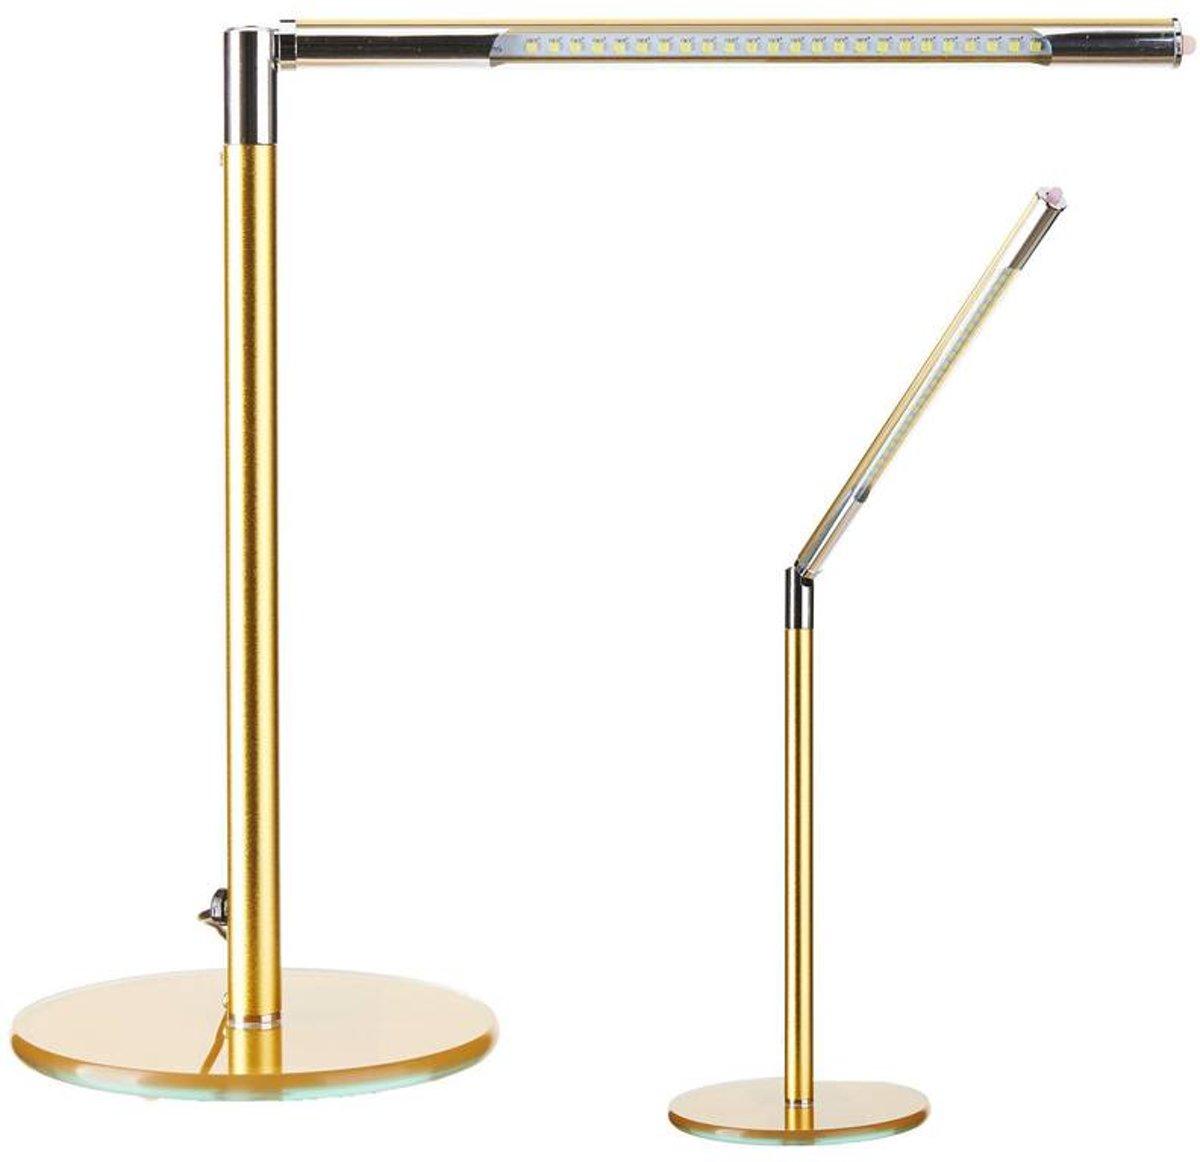 LED Tafellamp/ werklamp/ nagellamp Goud kopen